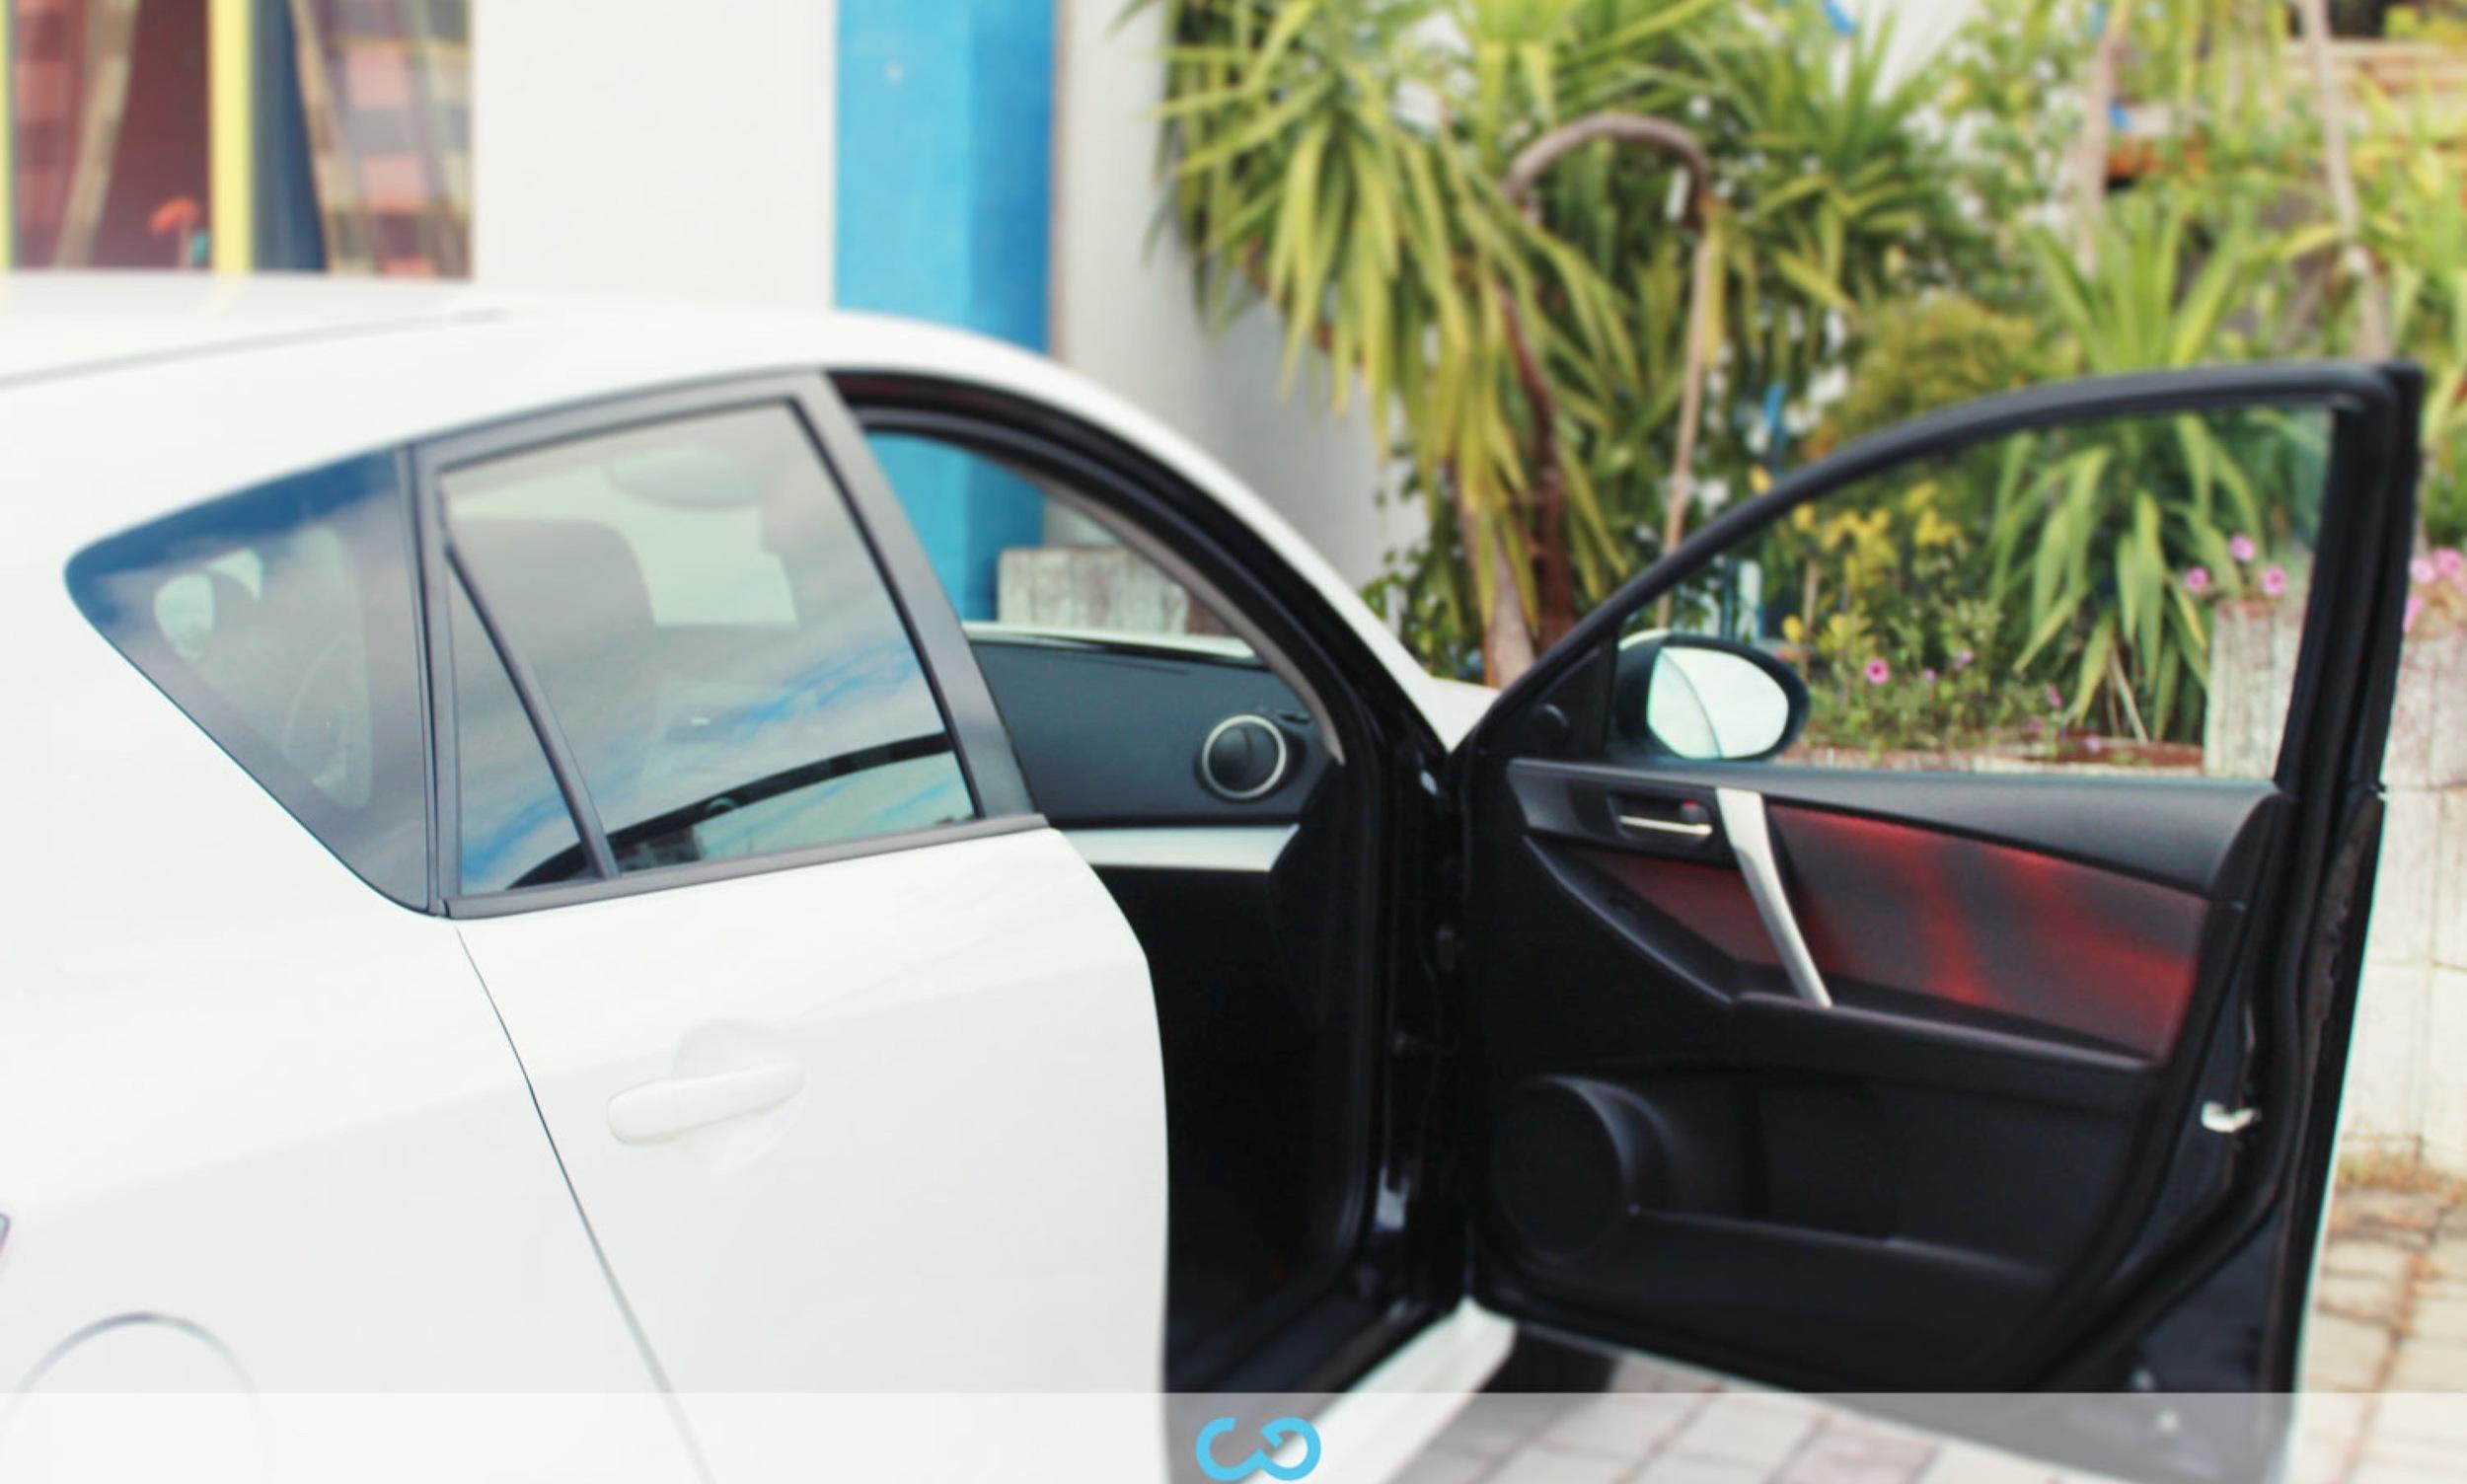 autofolierung-car-wrapping-2-vollfolierung-mazda-weiss-2012-10-07-1.jpg